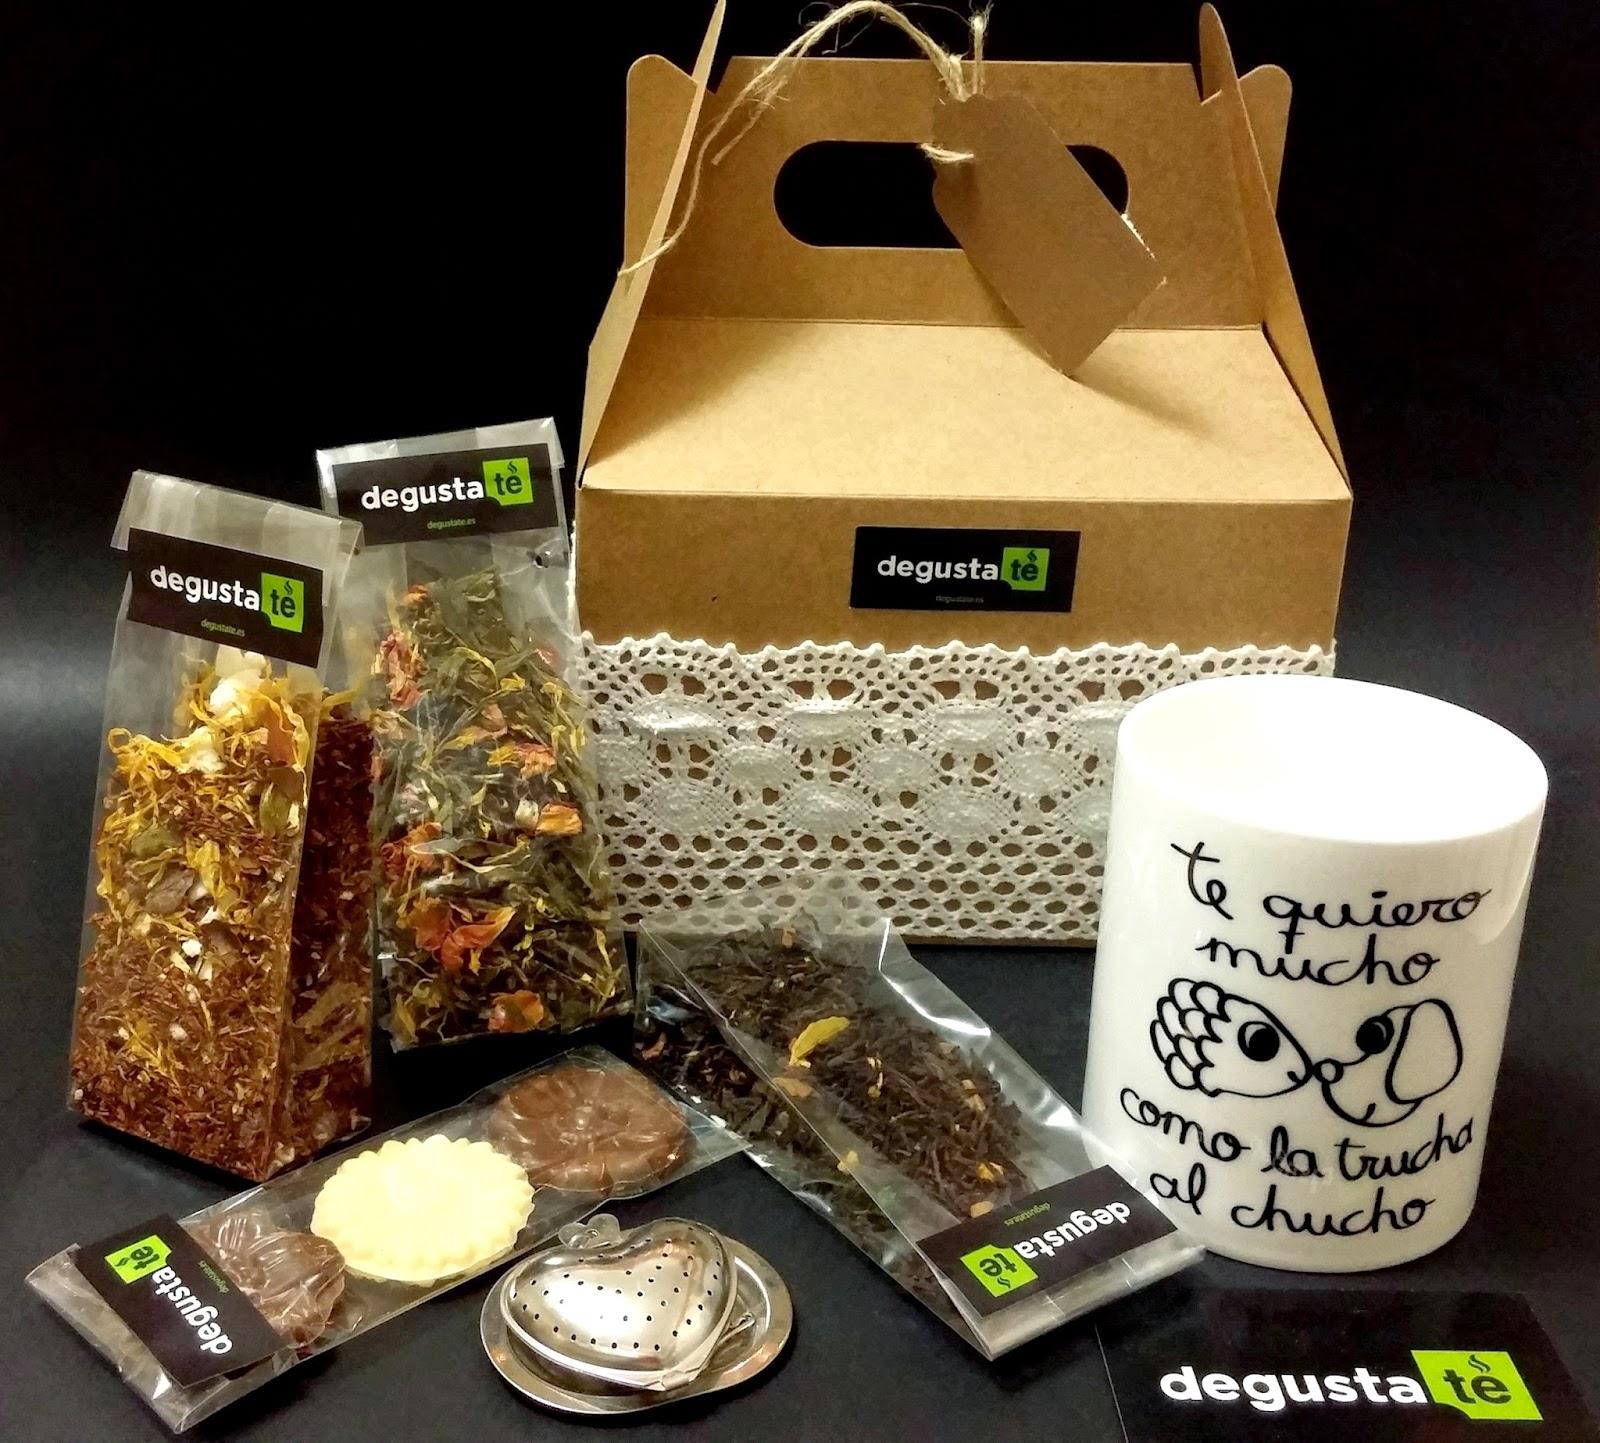 Club degustat regalos originales para hombres - Regalos para hombres en navidad ...